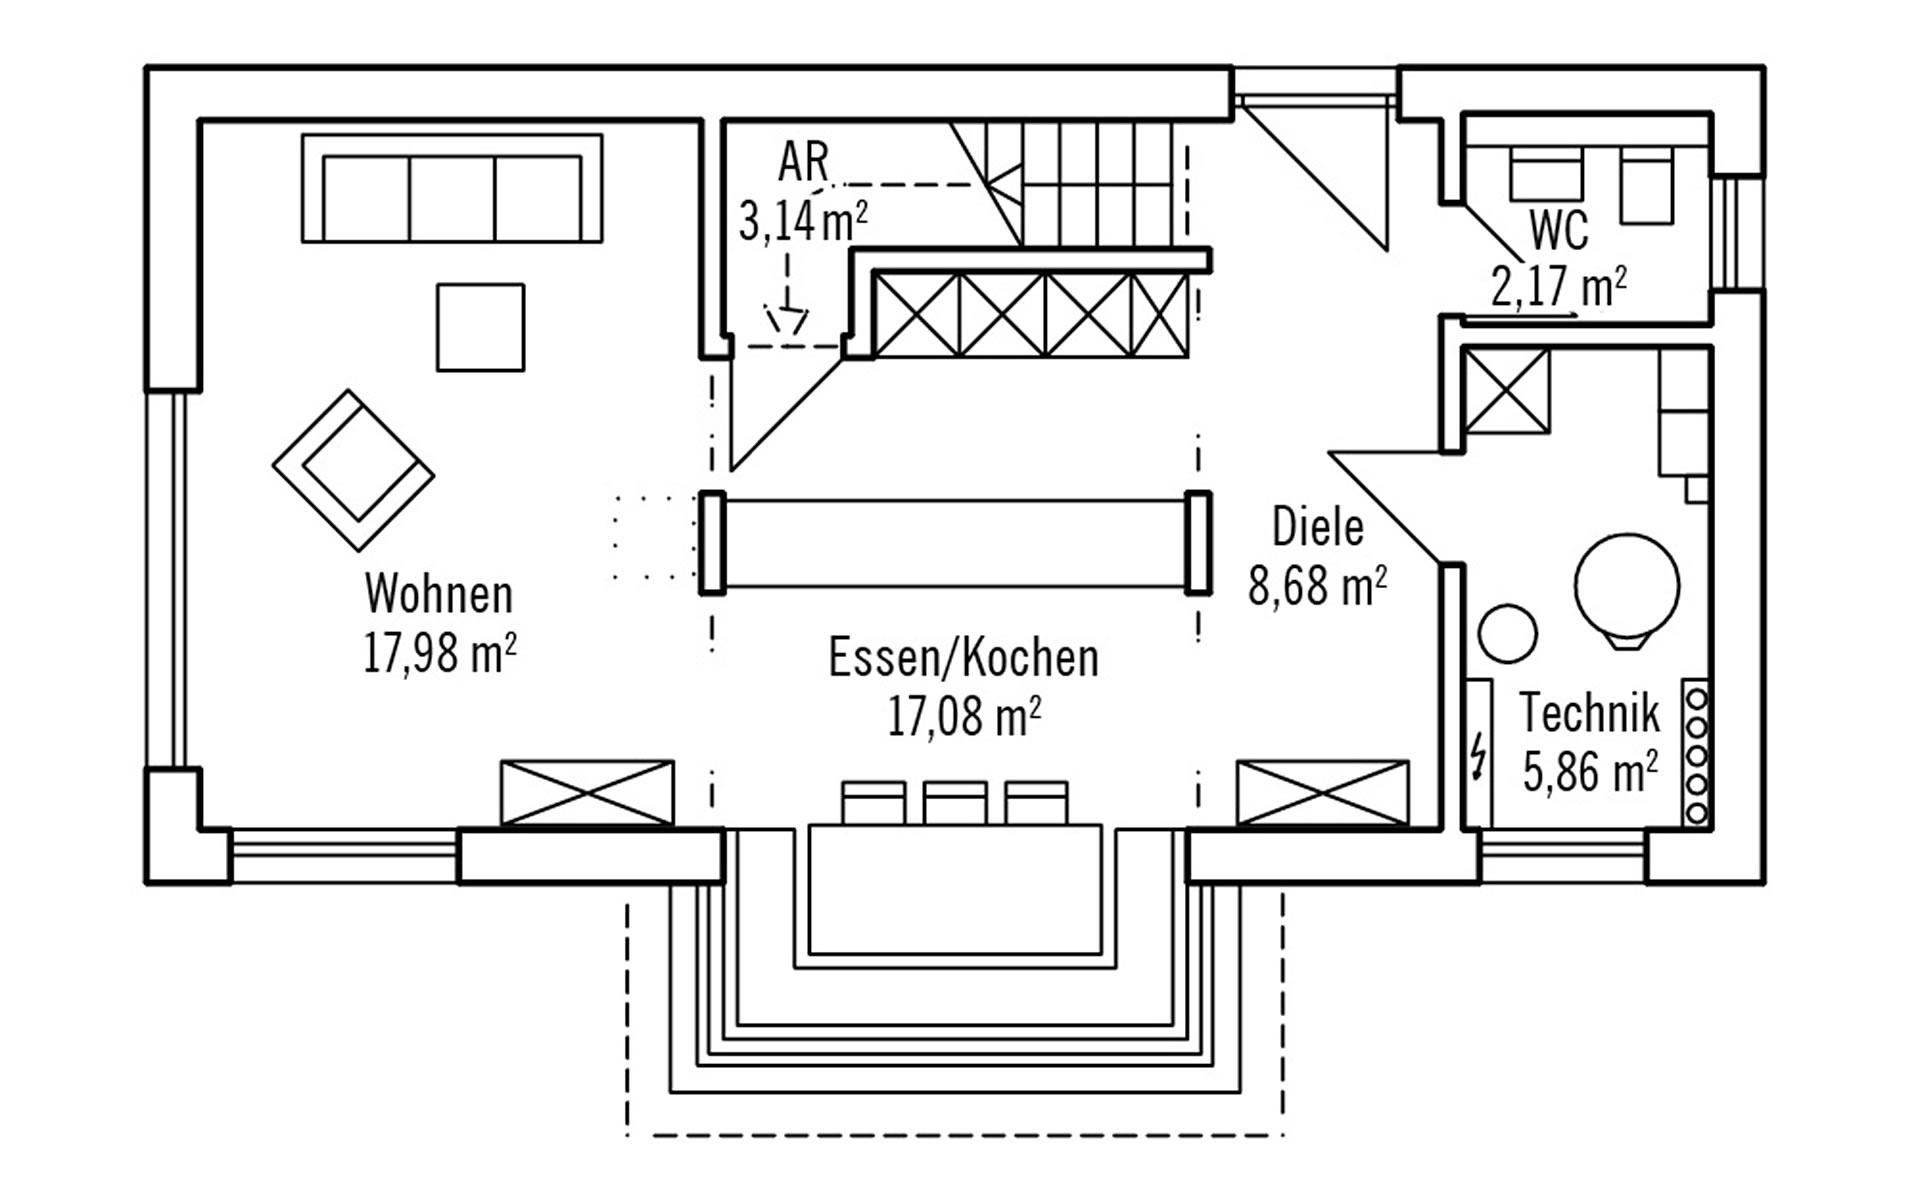 Erdgeschoss Hoch Hinaus 101m² von Bau-Fritz GmbH & Co. KG, seit 1896